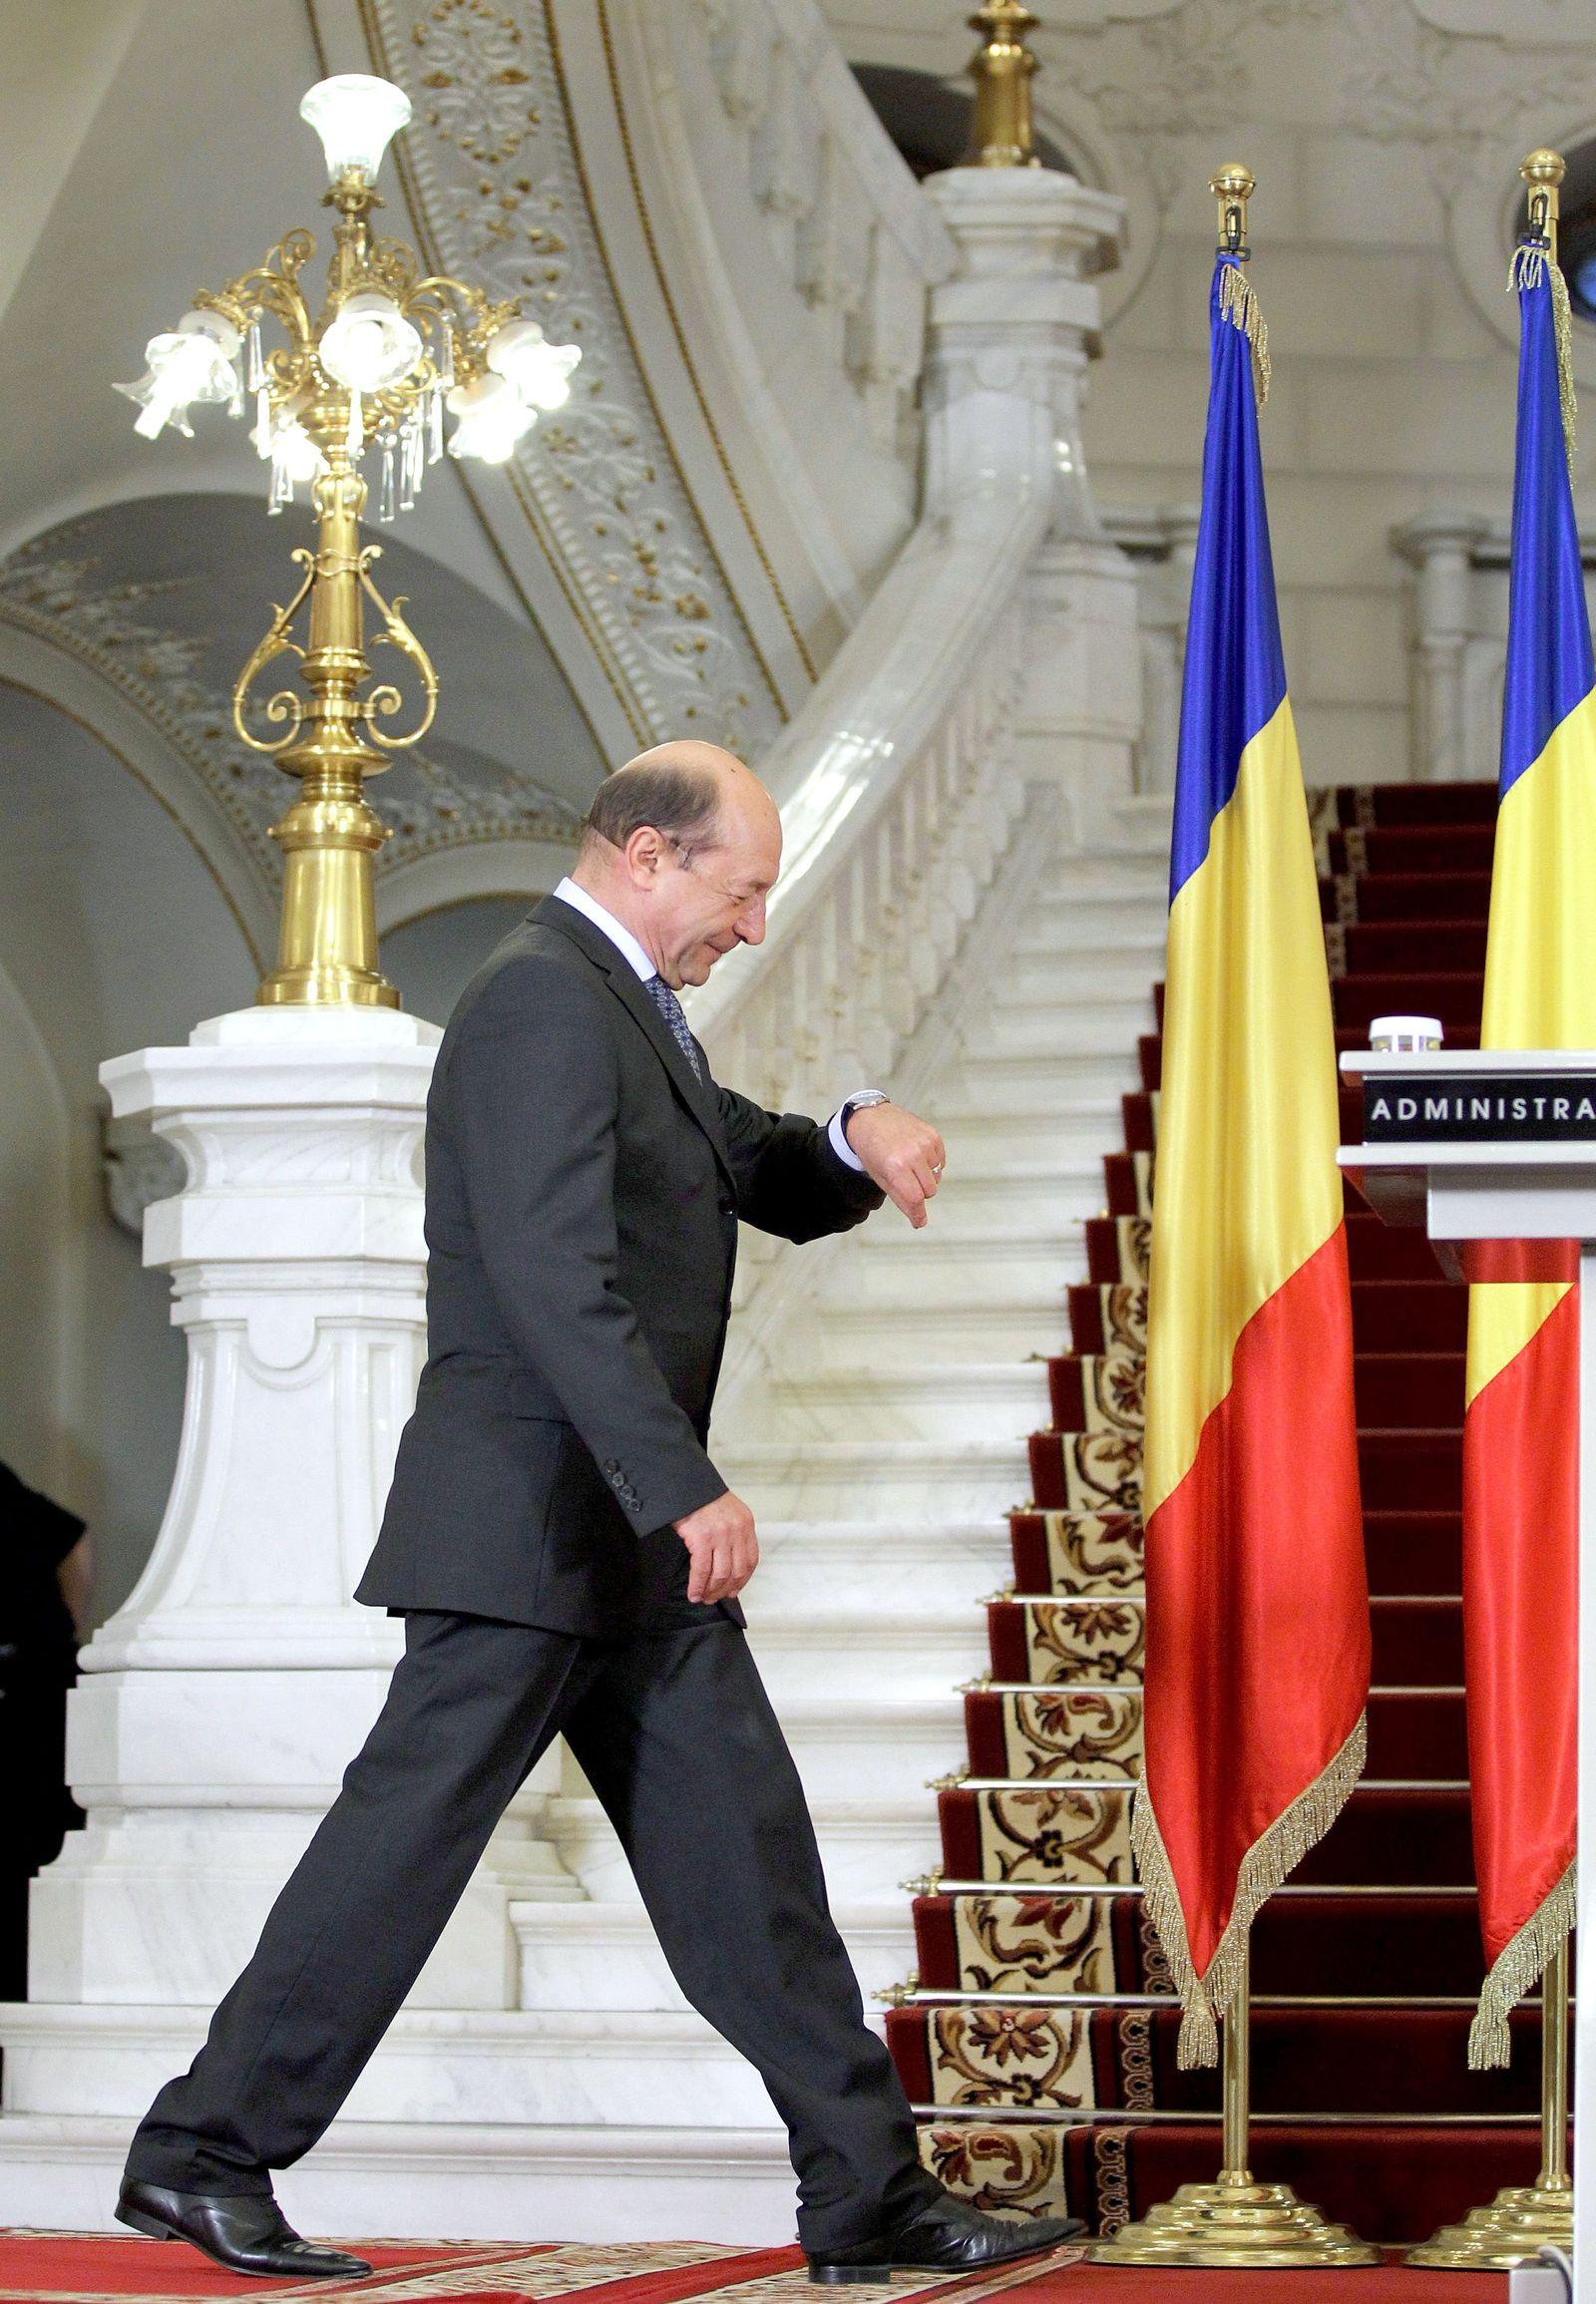 DER SPIEGEL 28/2012 pp86 SPIN Rumänien